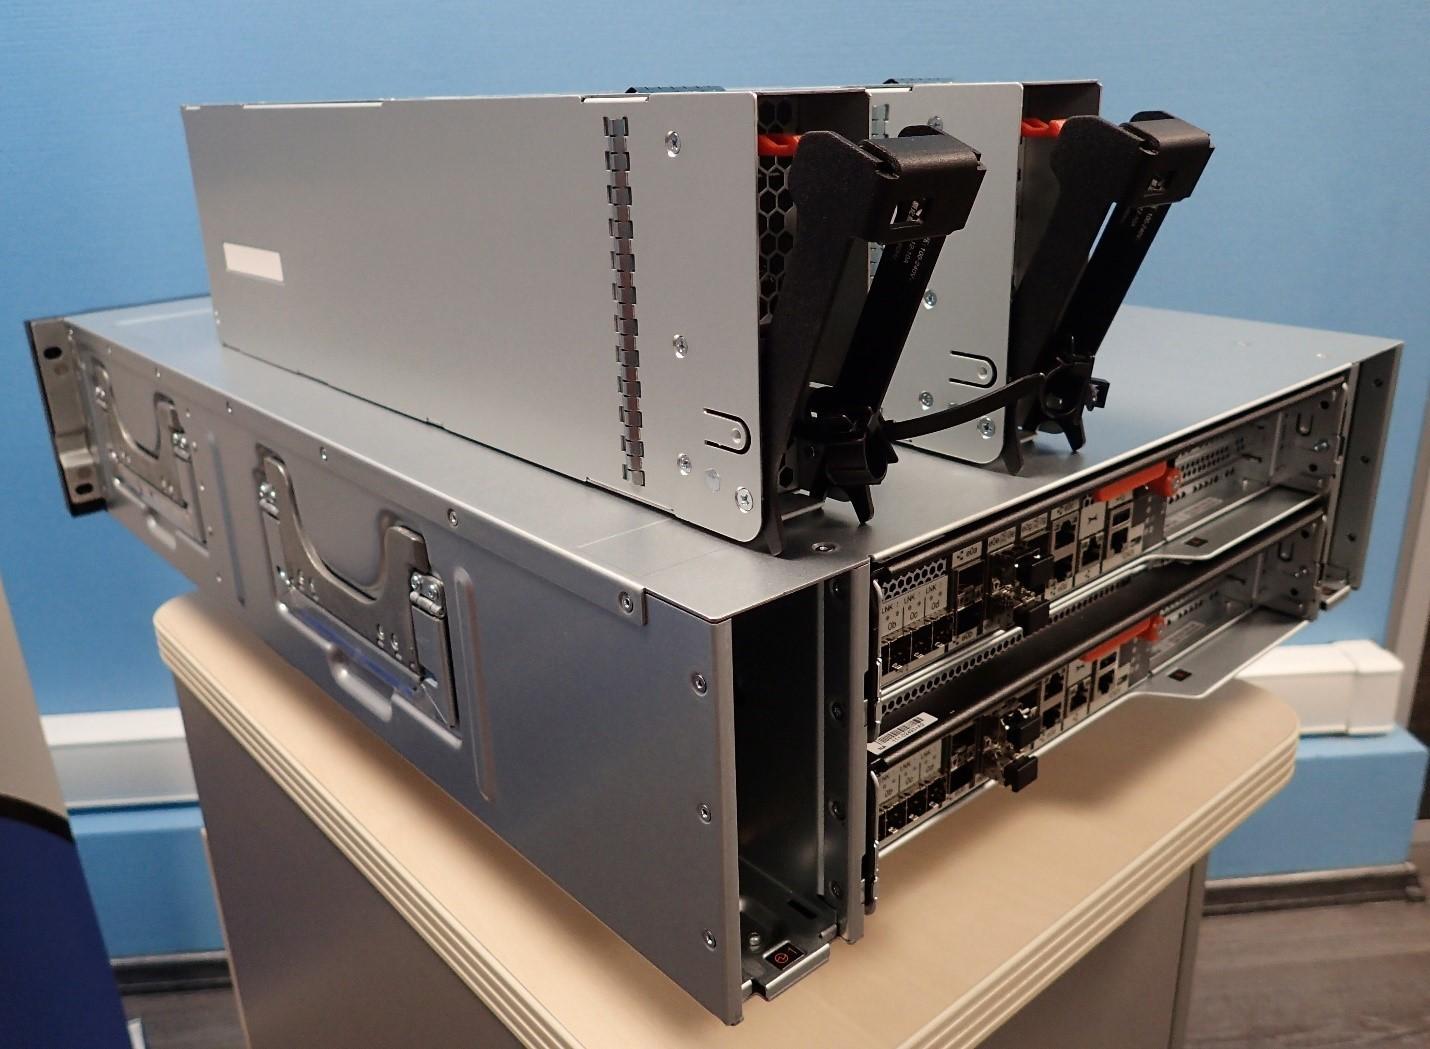 Unboxing: Что внутри у системы хранения данных NetApp AFF A300 - 3